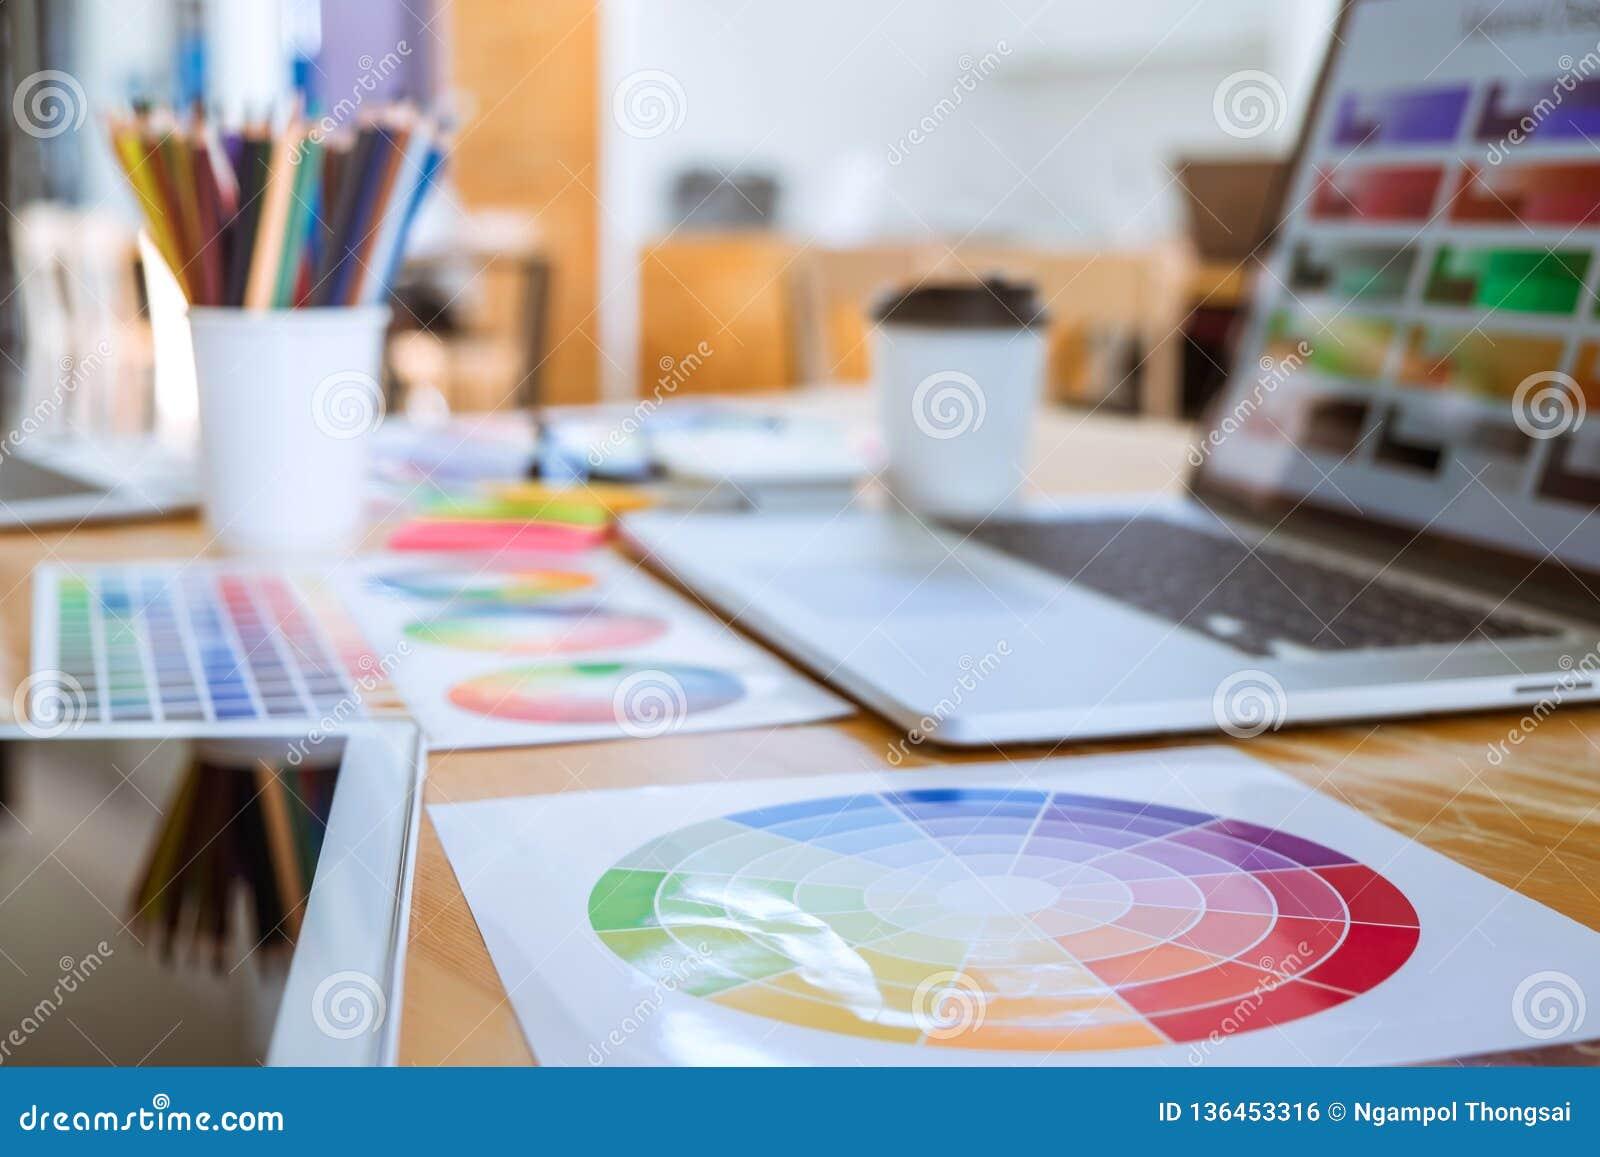 Projektant grafik komputerowych przedmiota koloru i narzędzia swatch próbki przy workspace